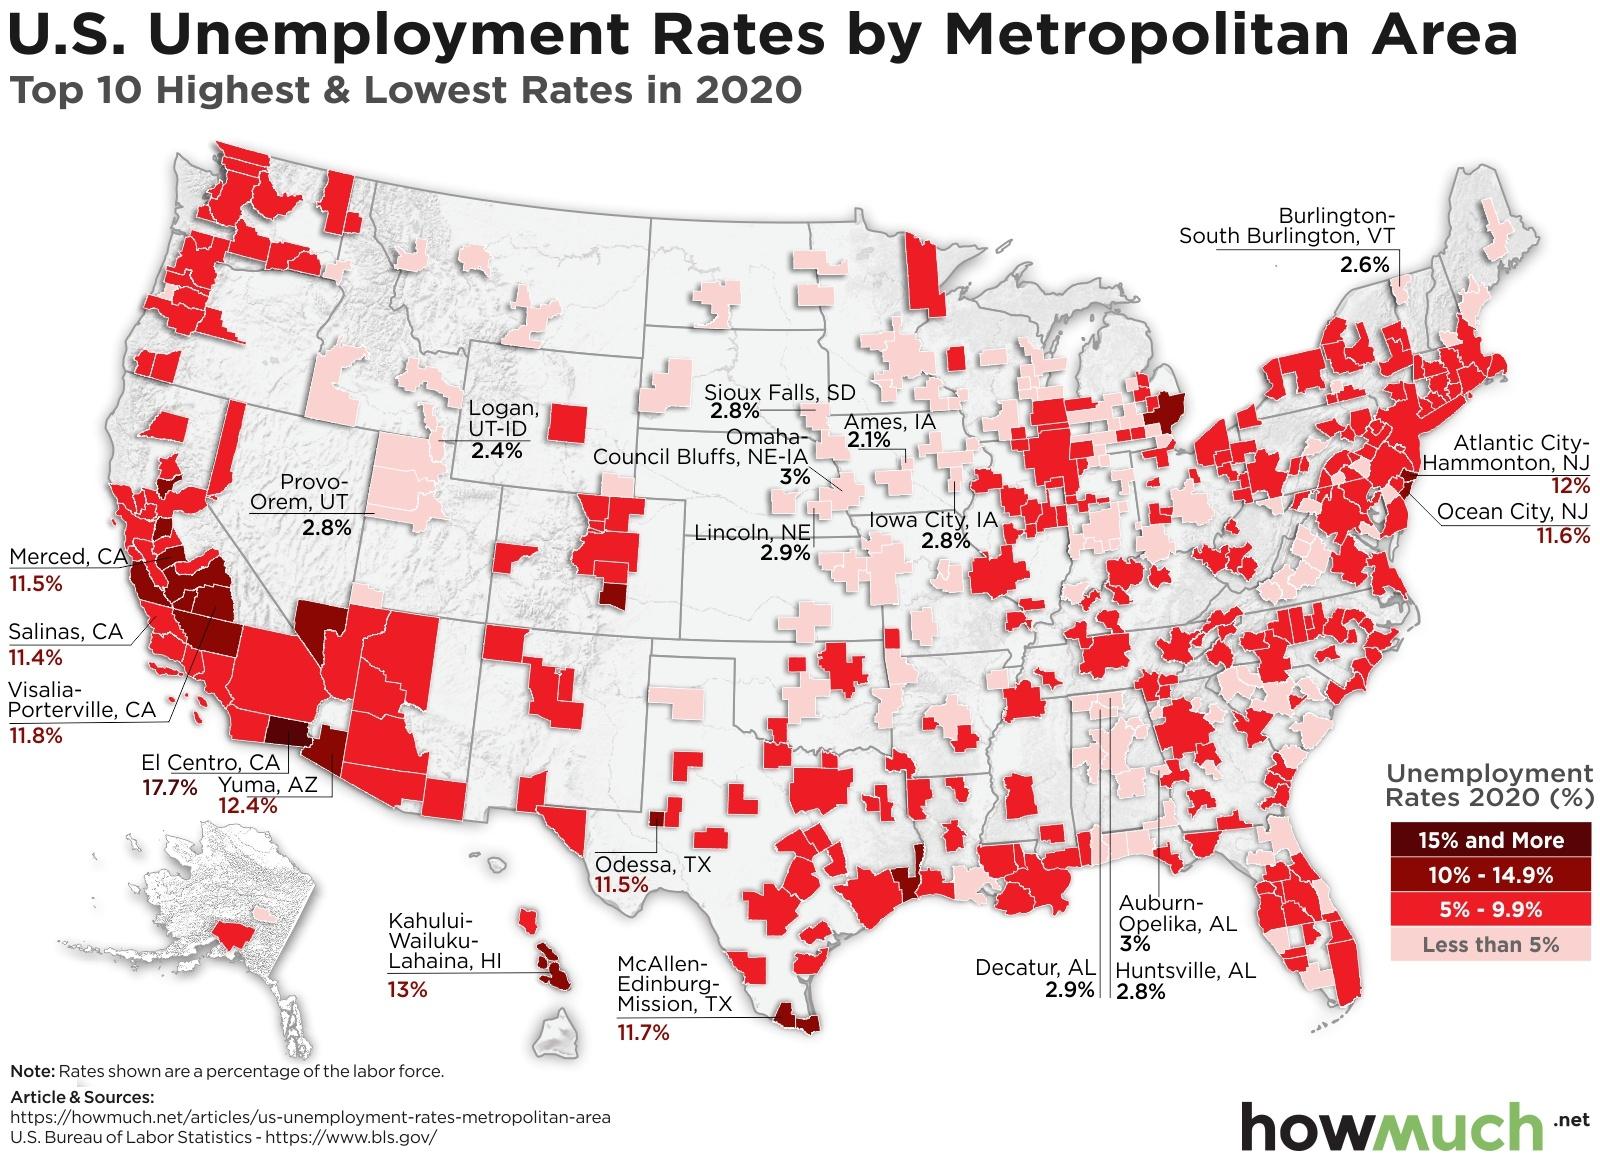 Unemployment rates by metropolitan area